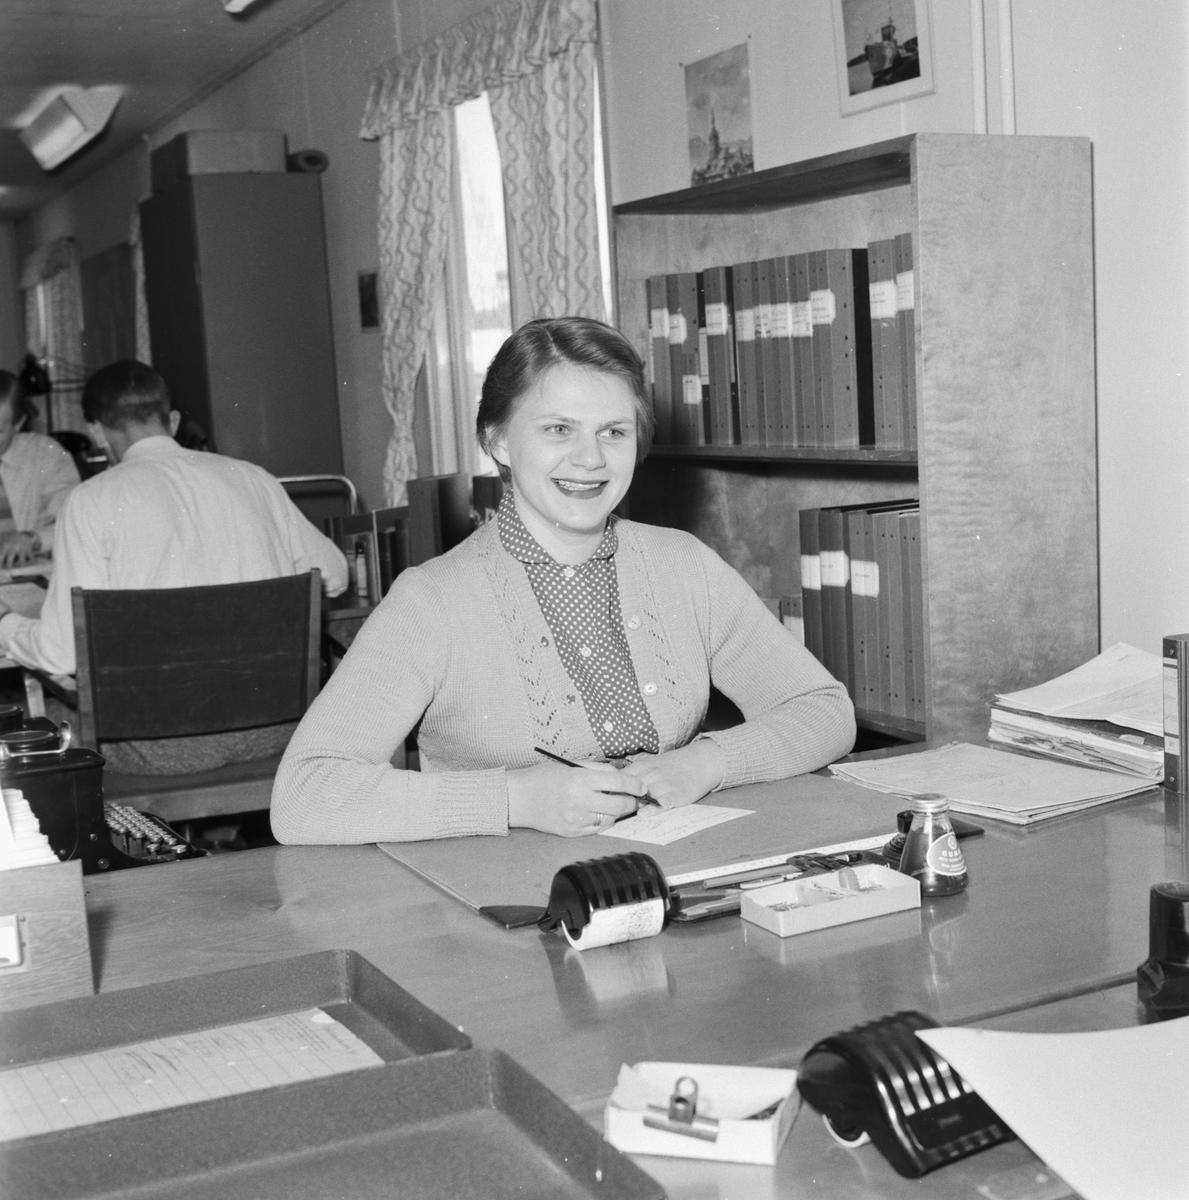 Övrigt: Foto datum: 27/4 1955 Byggnader och kranar Personal i nybyggt kontor